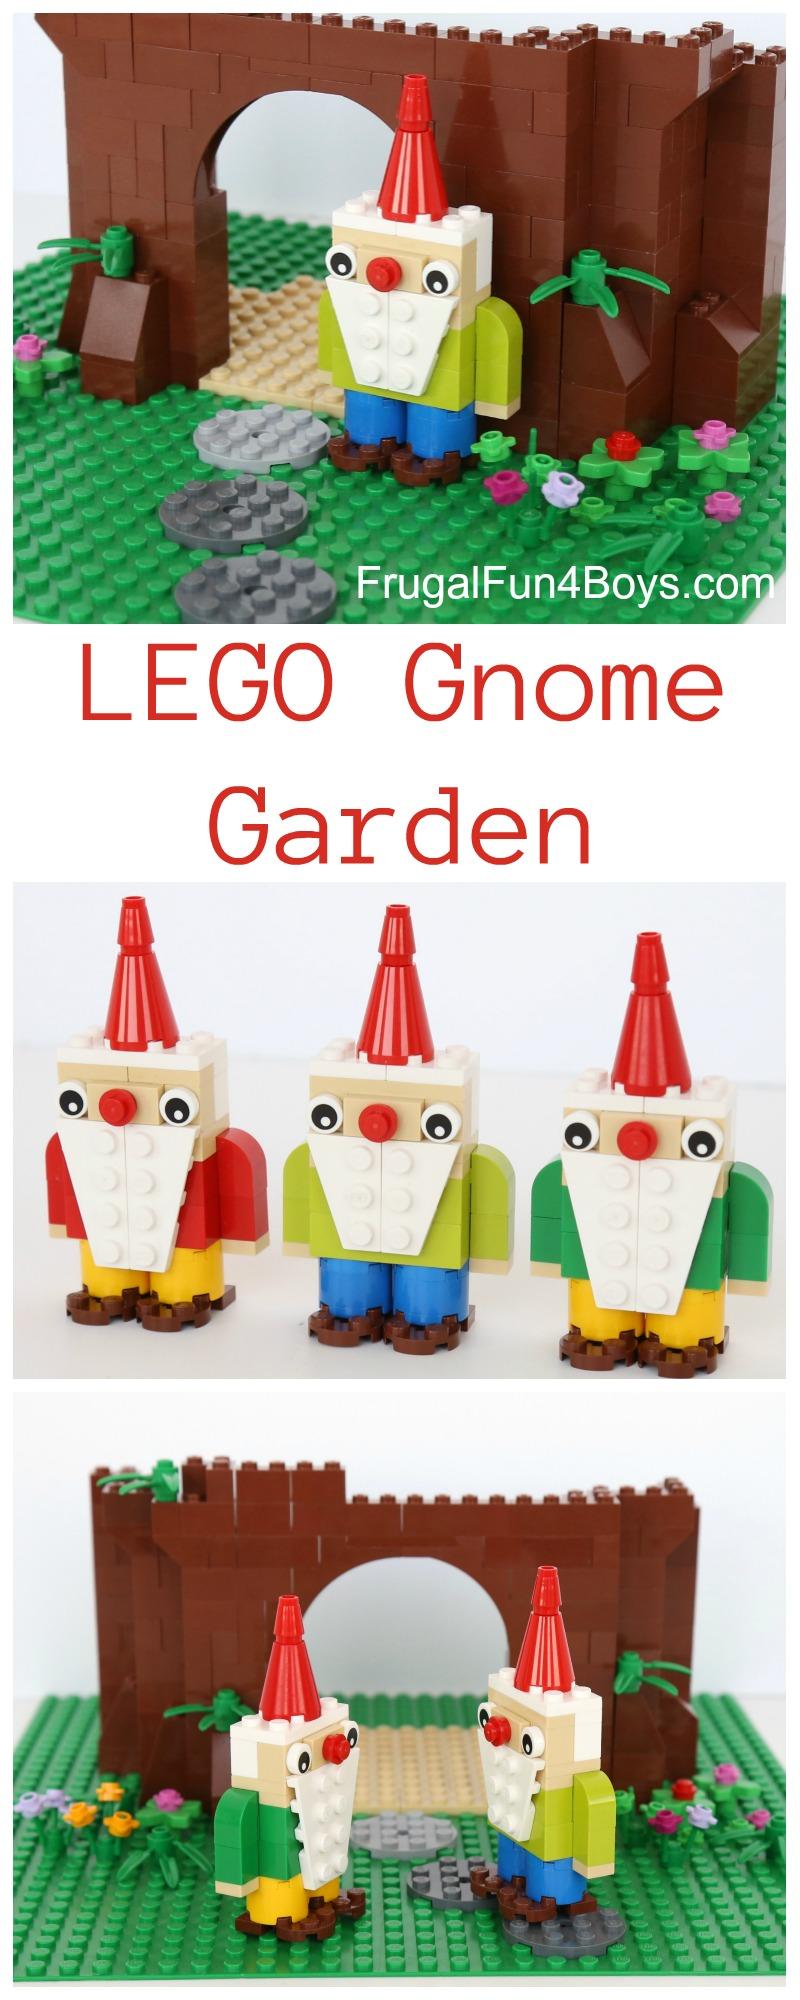 Gnome 4: Build A LEGO Gnome Garden